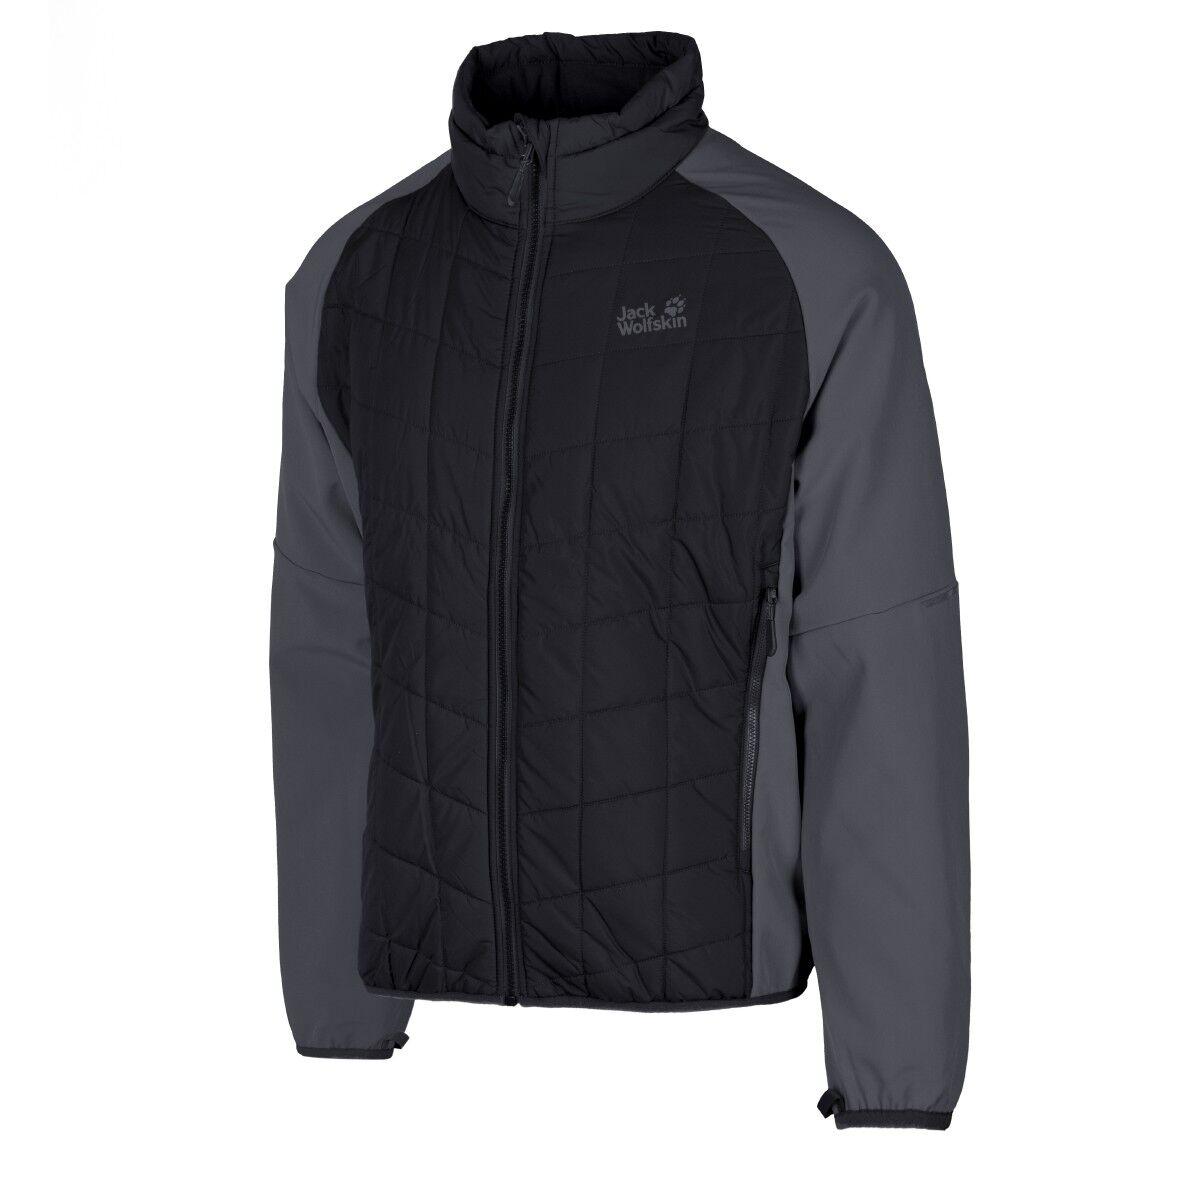 Jack Wolfskin prados Hybrid Jacket Men señores outdoor chaqueta 1204291-6000